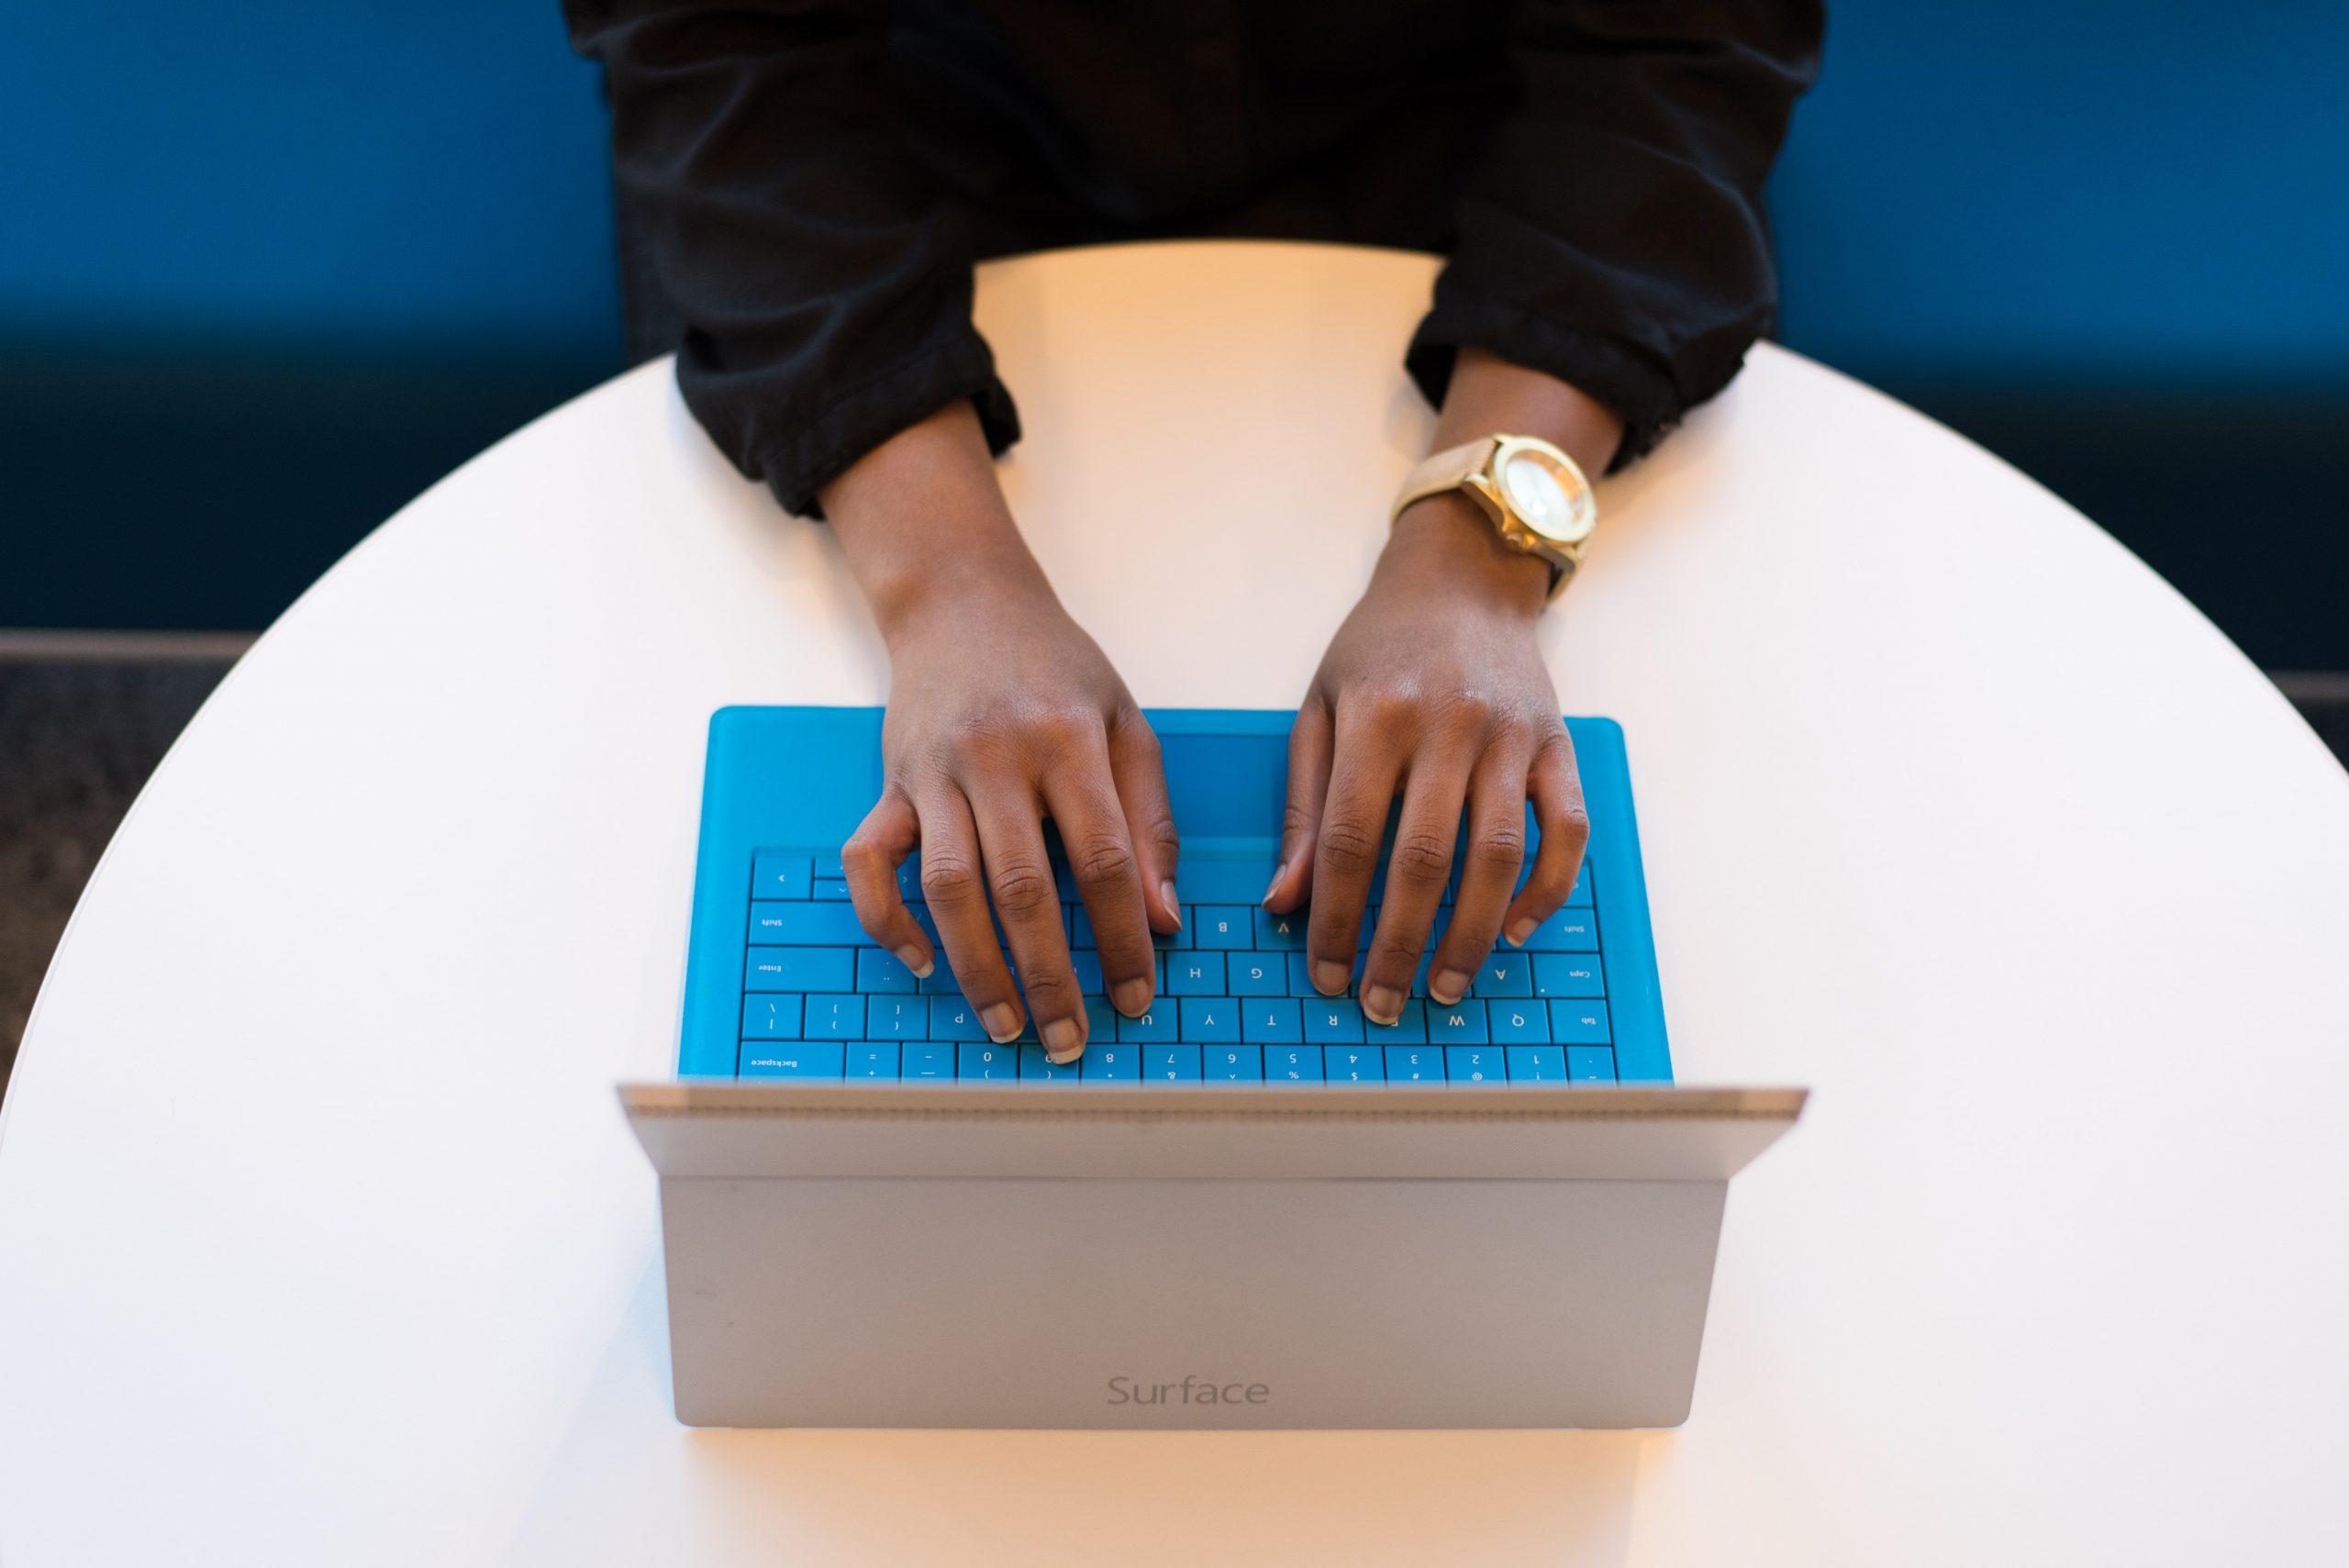 Praca w domu – jak zadbać o zabezpieczenie własnego sprzętu elektronicznego?